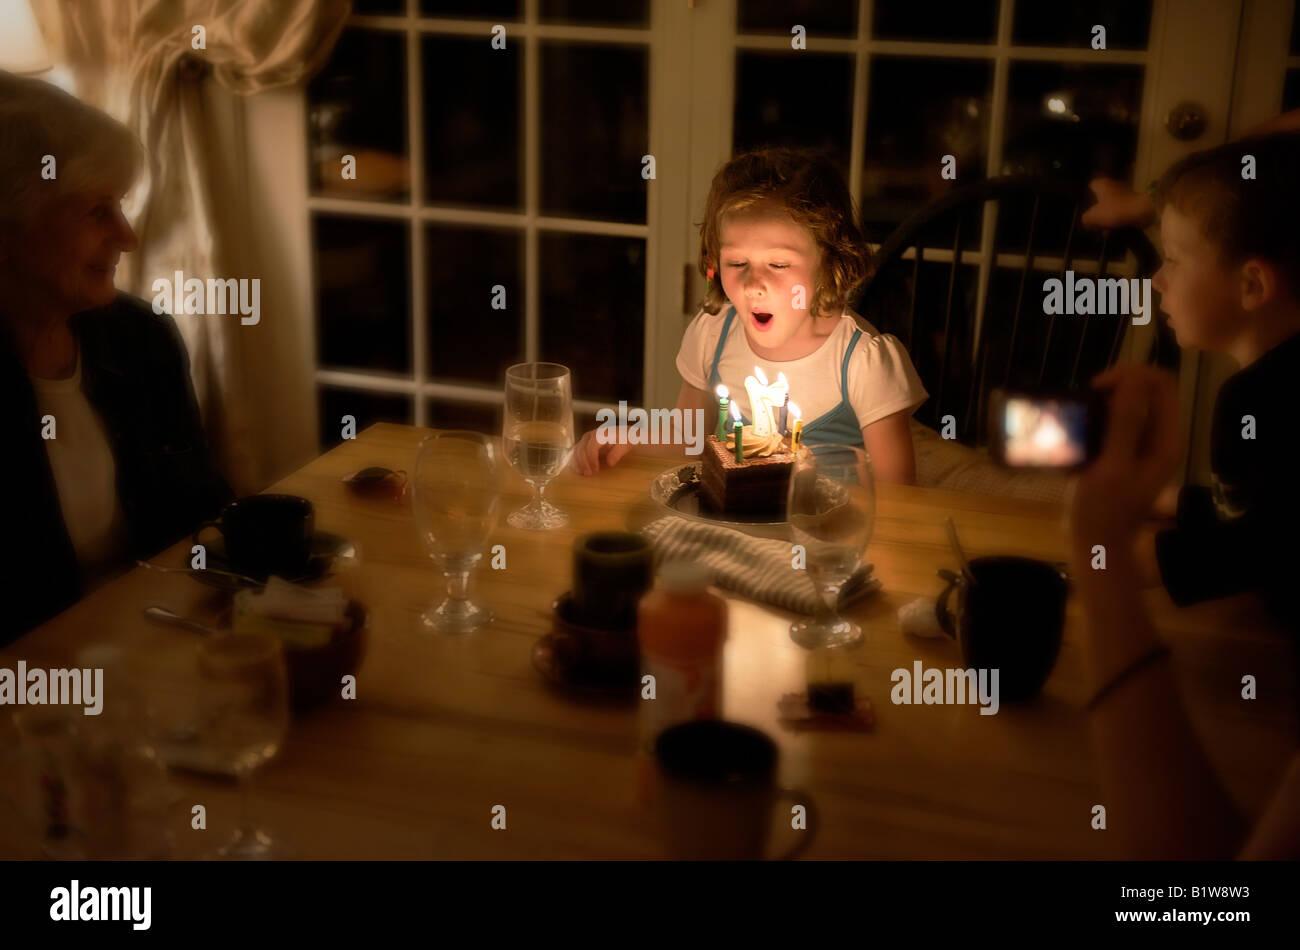 Sept ans, fille, souffle les bougies sur son gâteau d'anniversaire Photo Stock